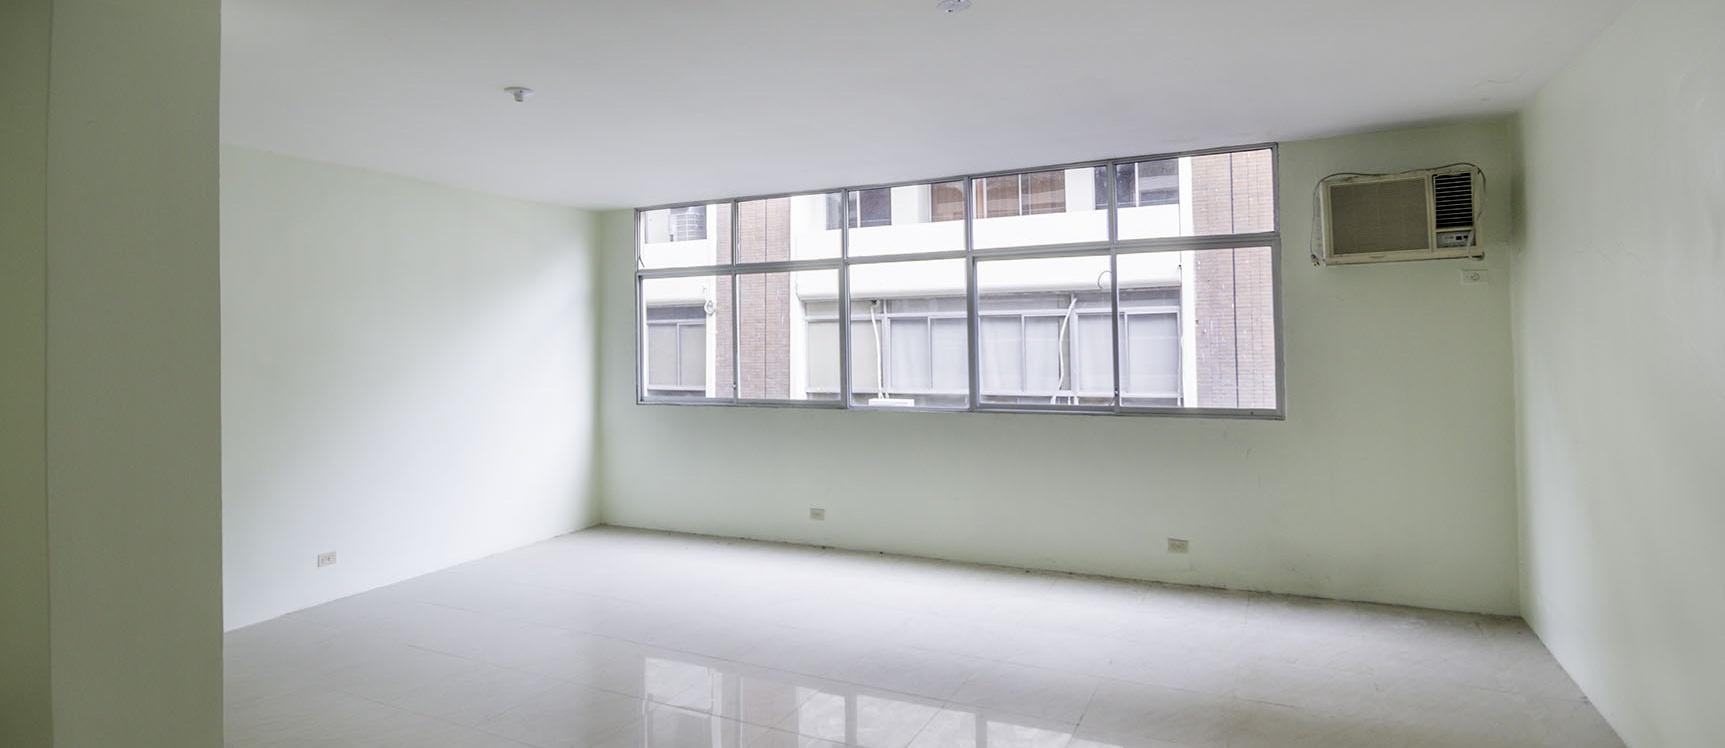 GeoBienes - Oficina en venta en el Edificio Camsol, Centro de Guayaquil - Plusvalia Guayaquil Casas de venta y alquiler Inmobiliaria Ecuador